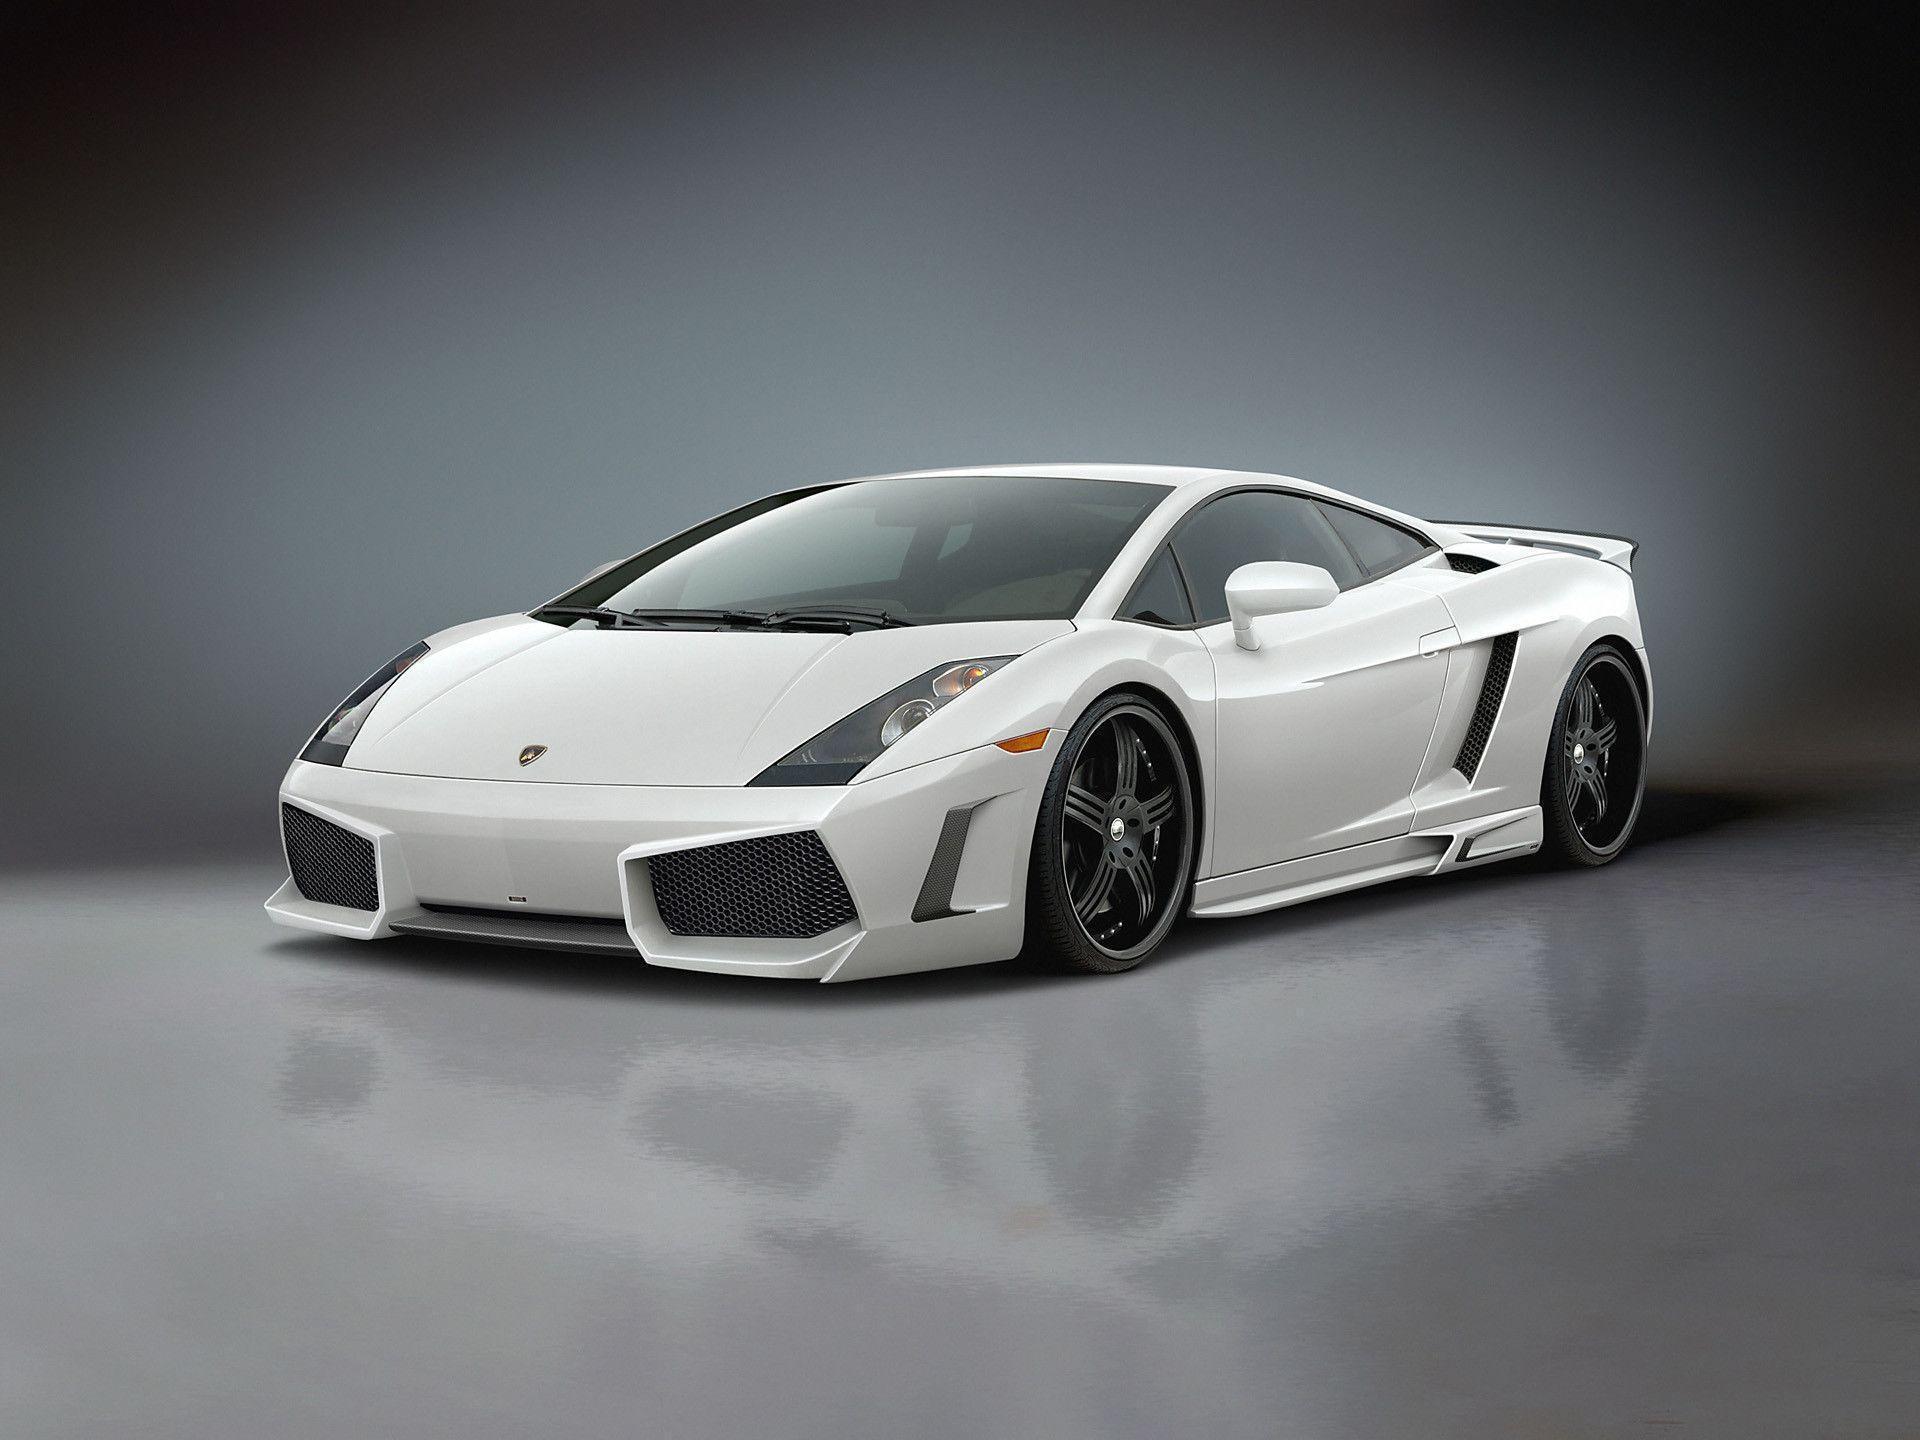 Cool Lamborghini White Car